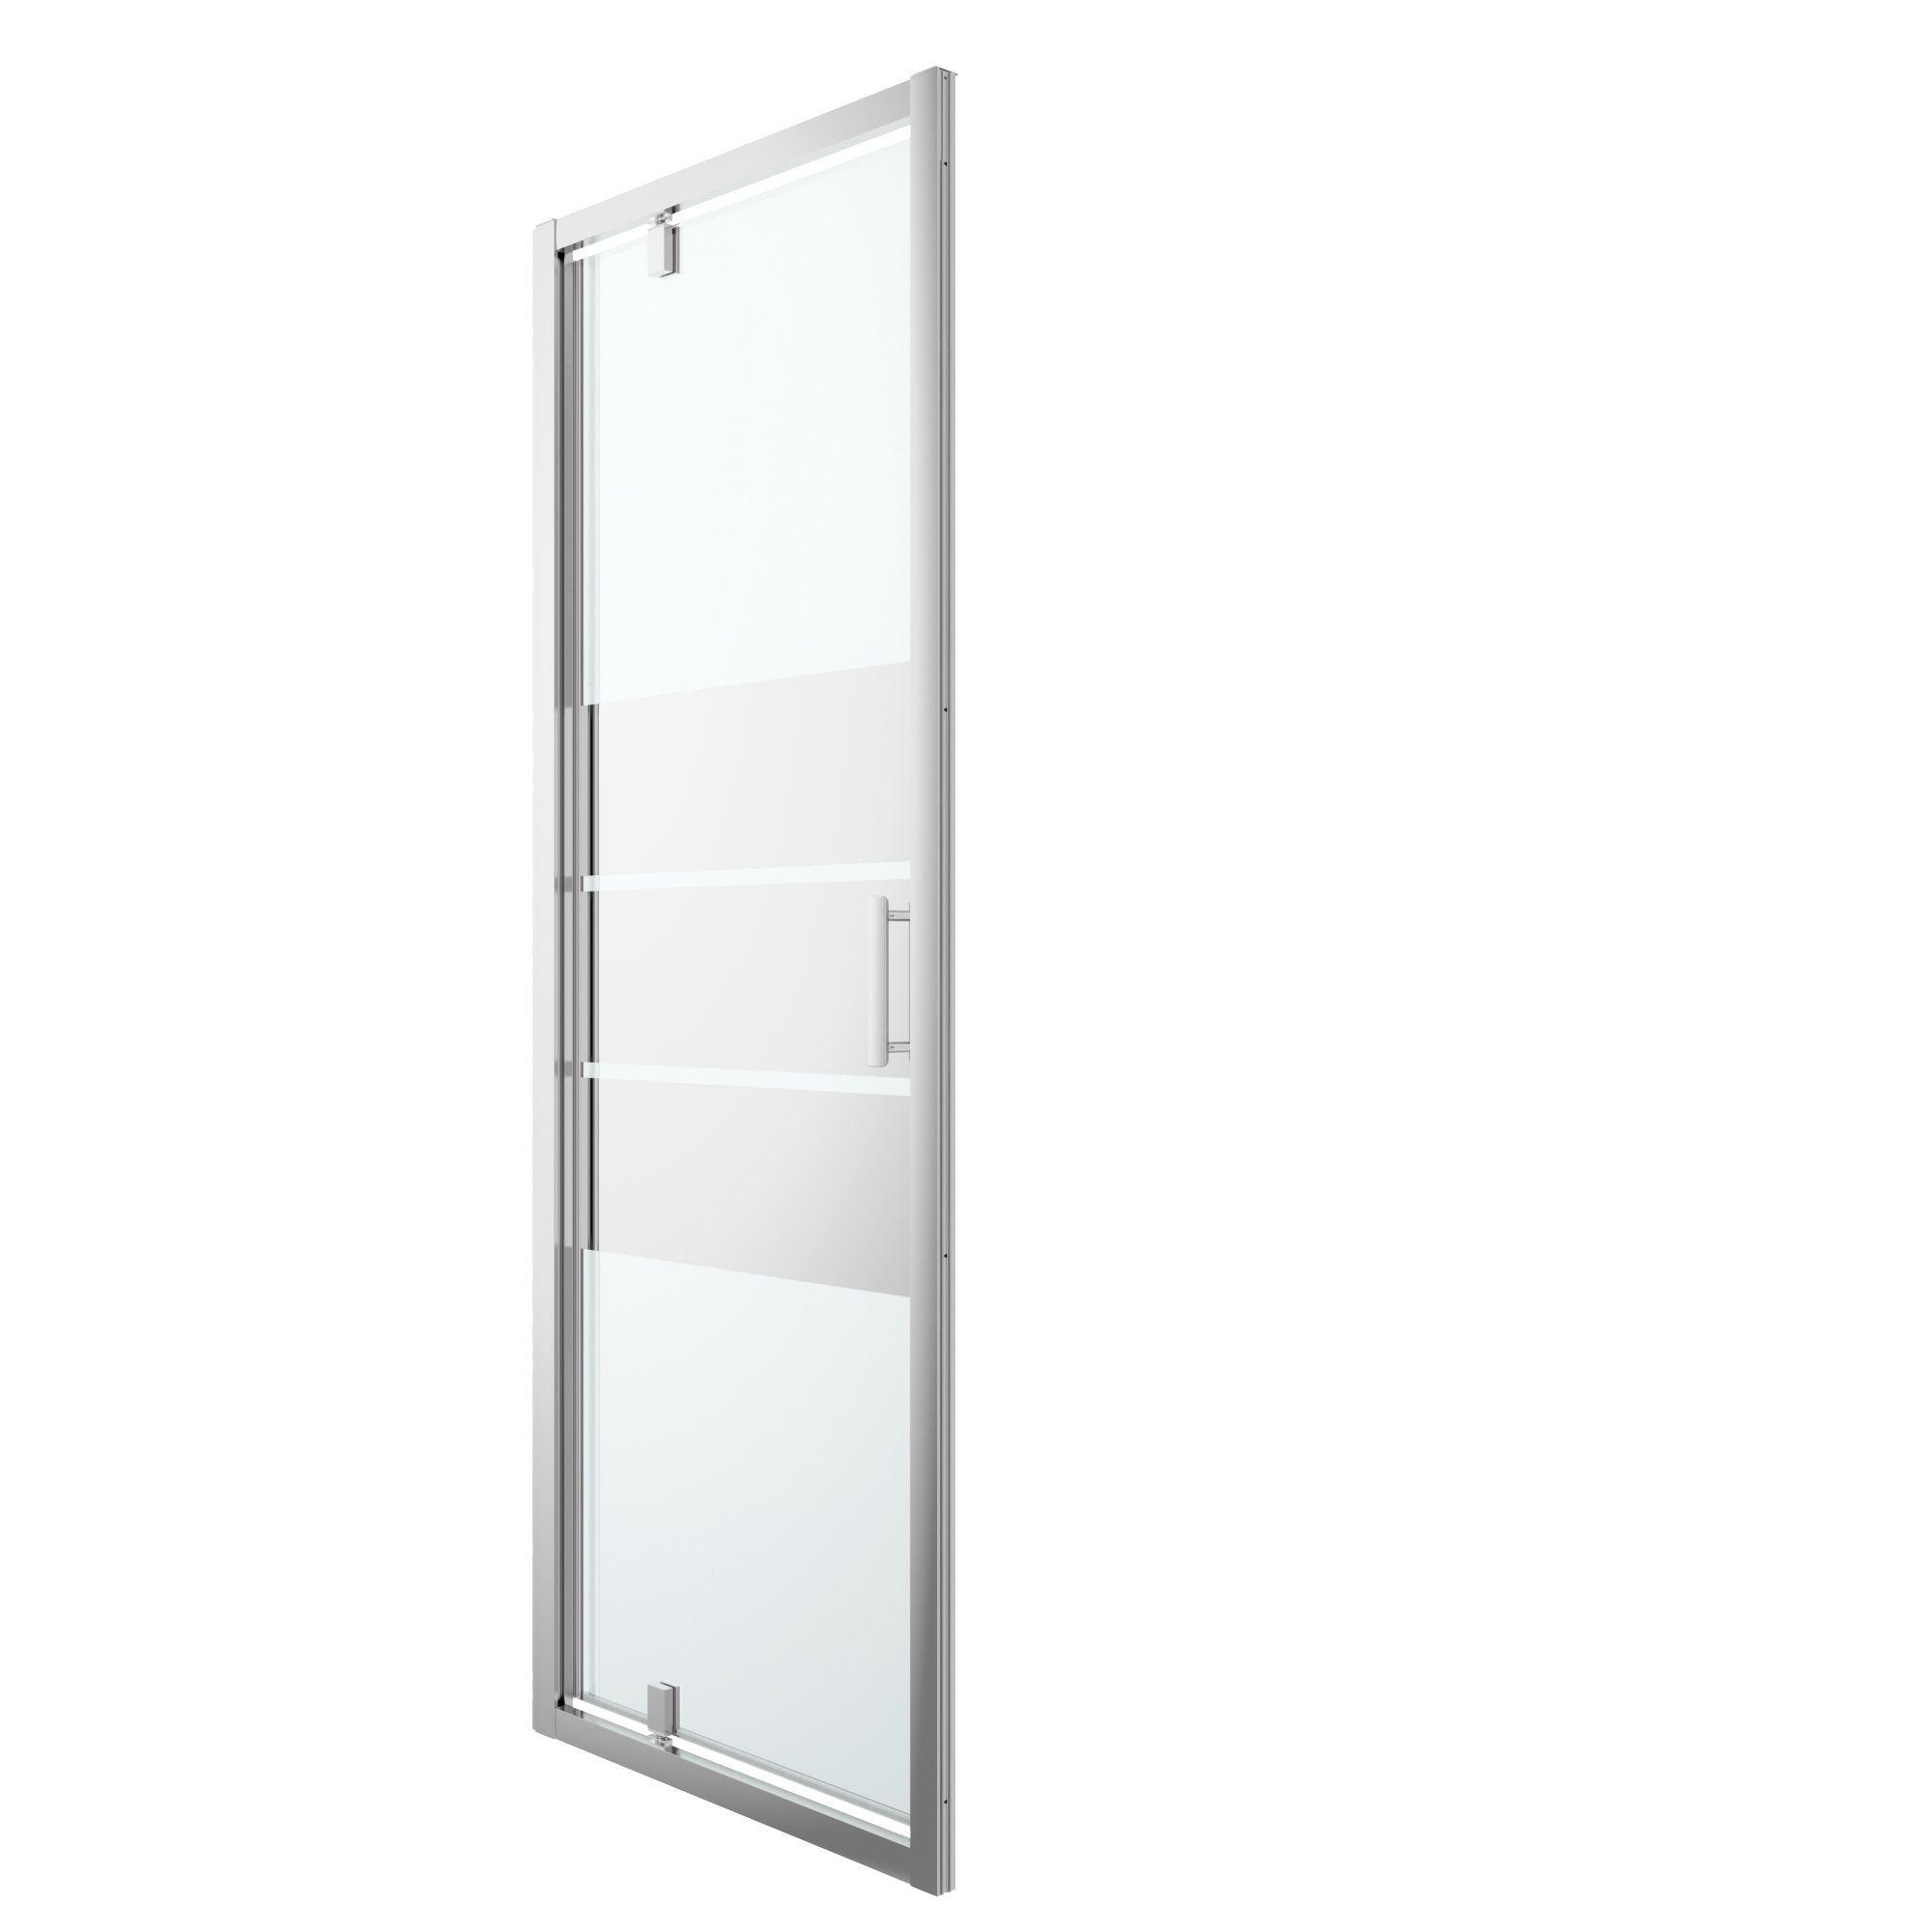 Cooke & Lewis Beloya Pivot Shower Door With Mirror Glass (w)760mm